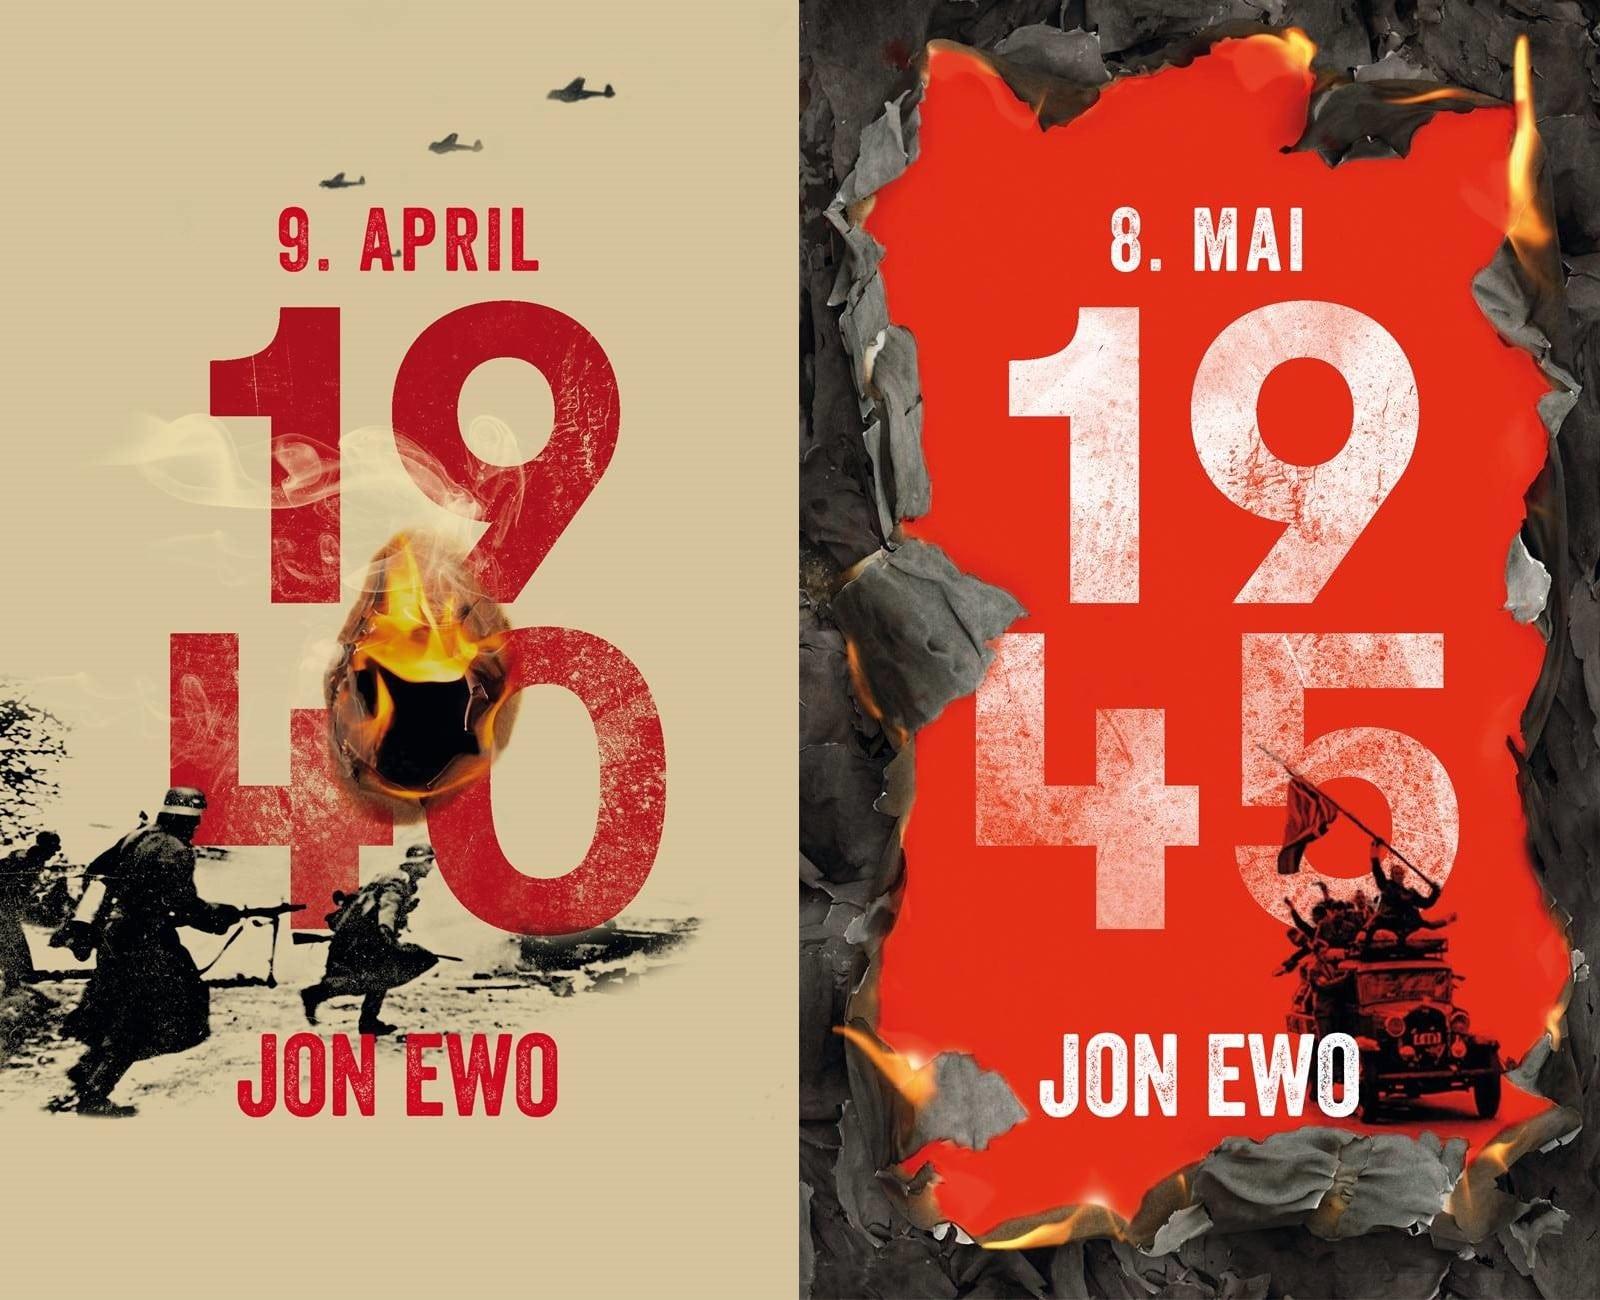 9. april 1940 ; 8. mai 1945